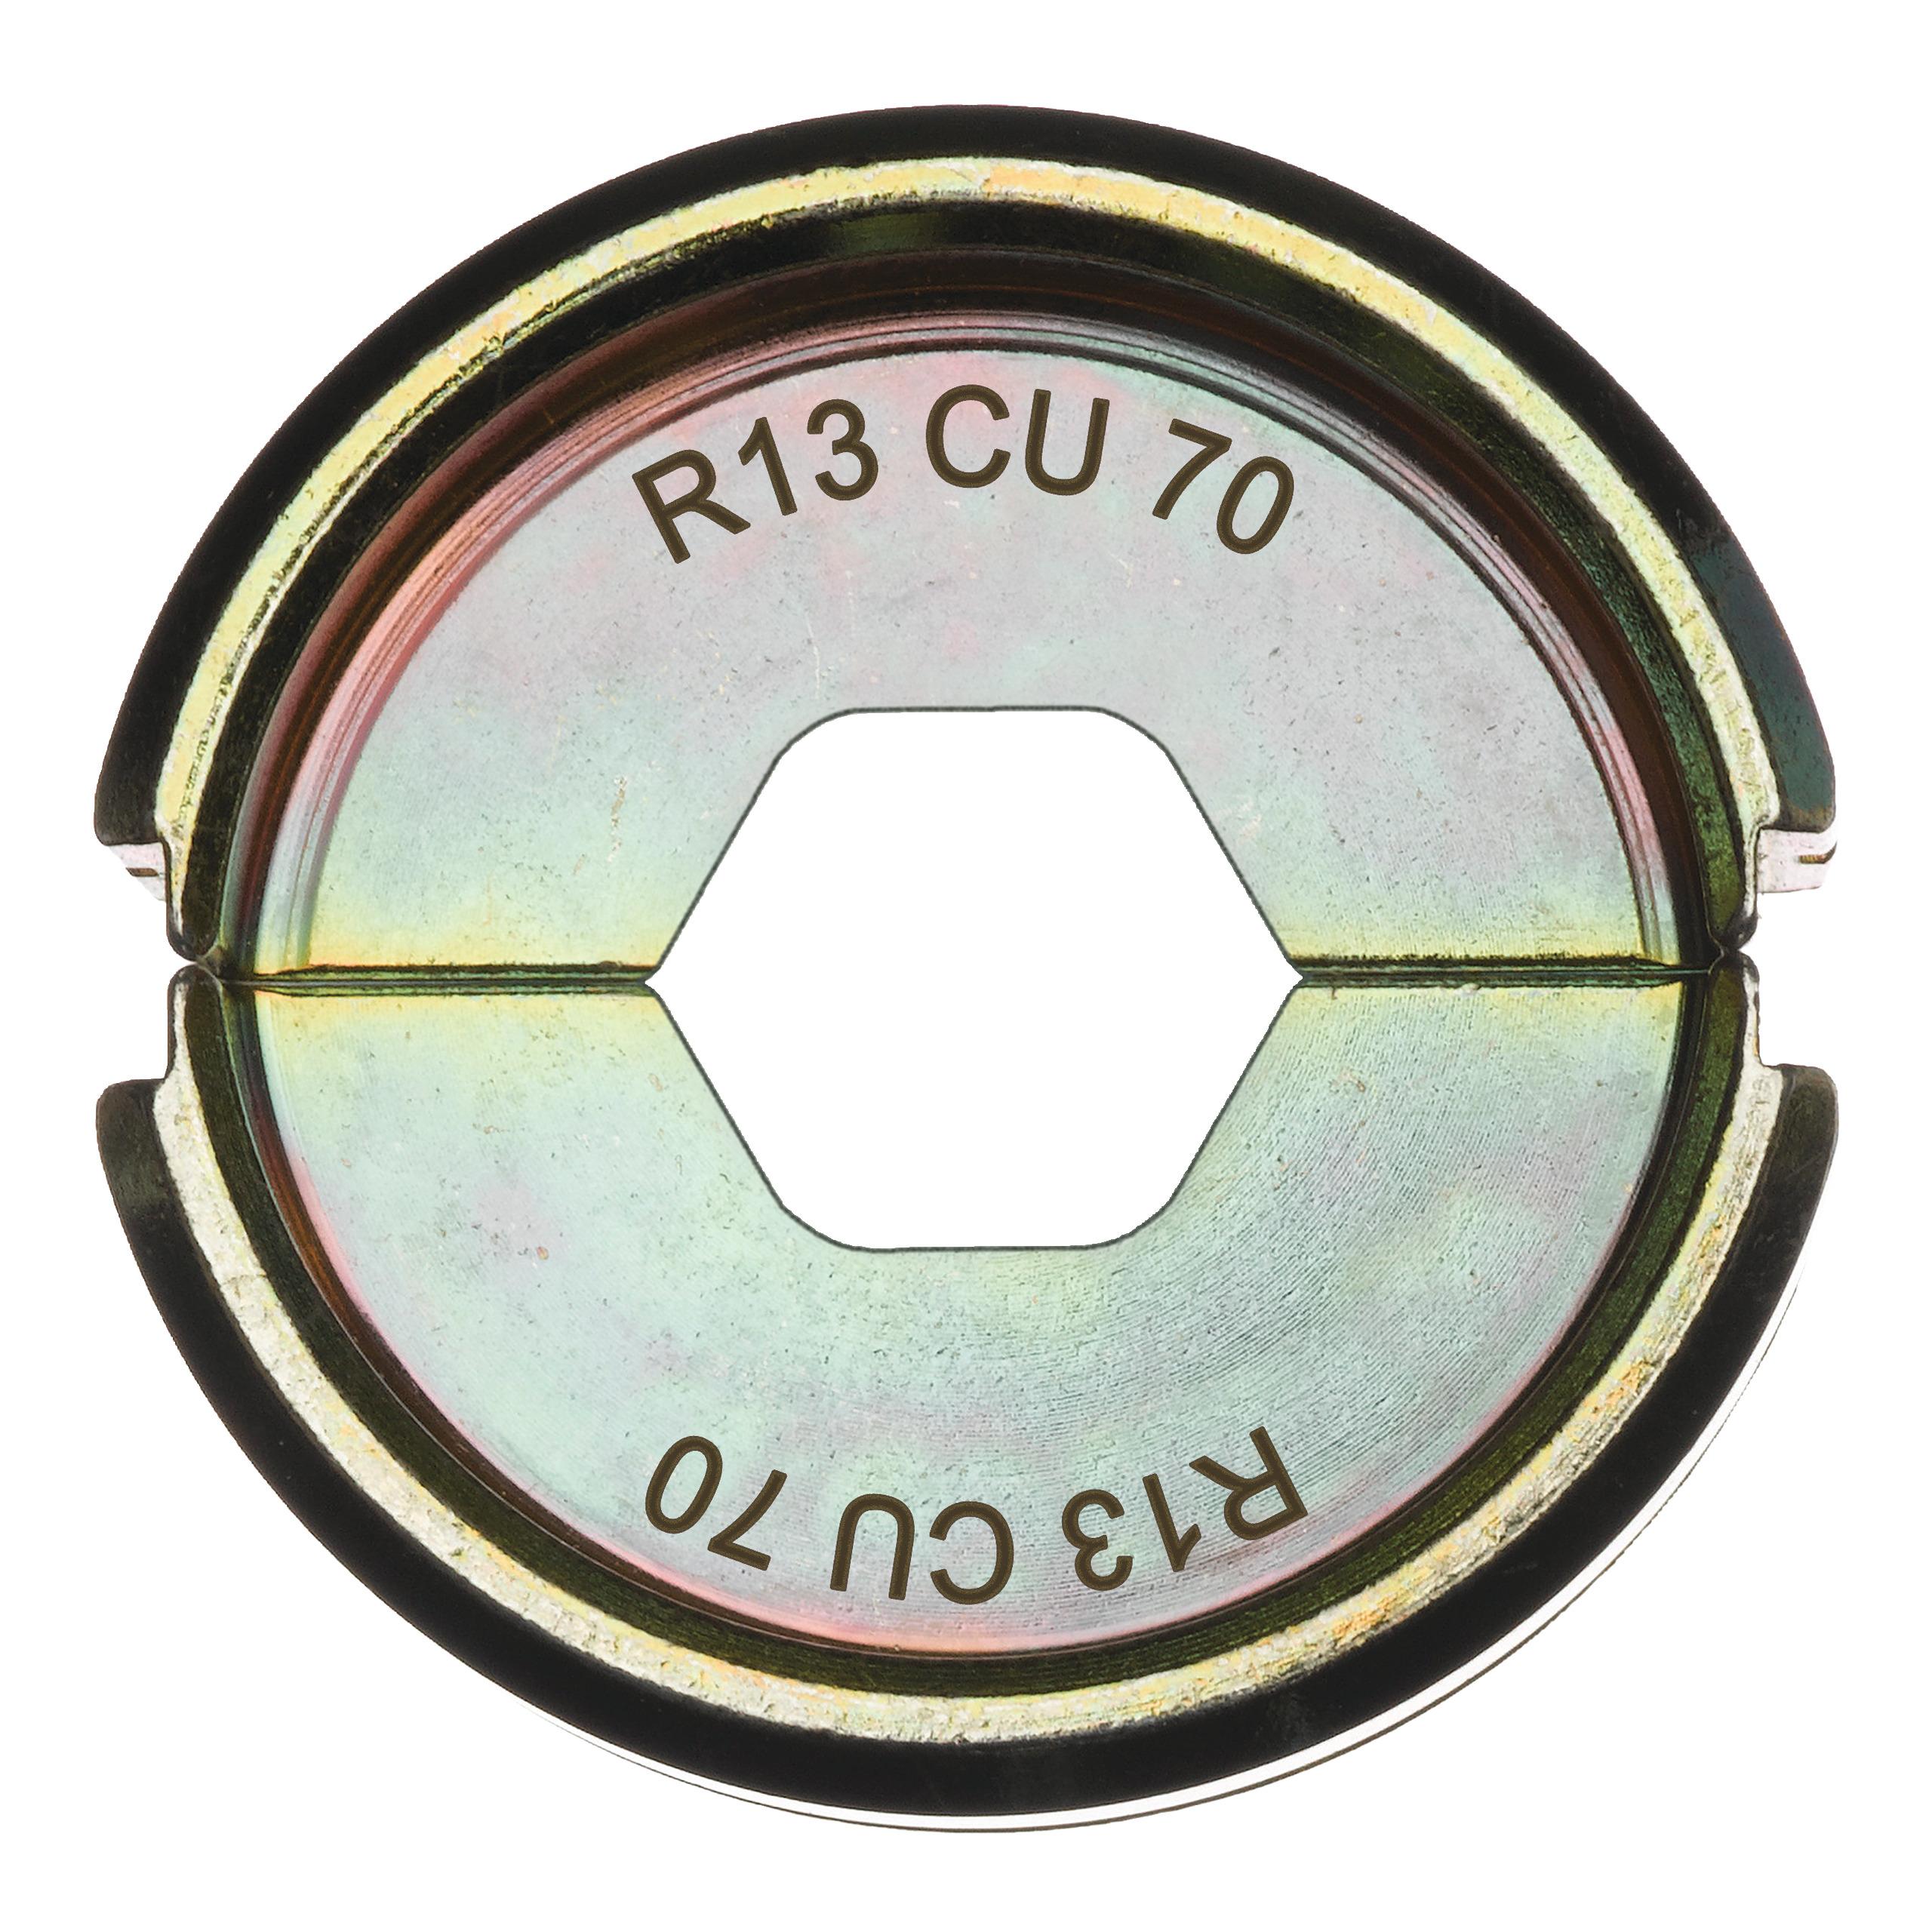 R13 CU 70-1PC Pojistný kroužek